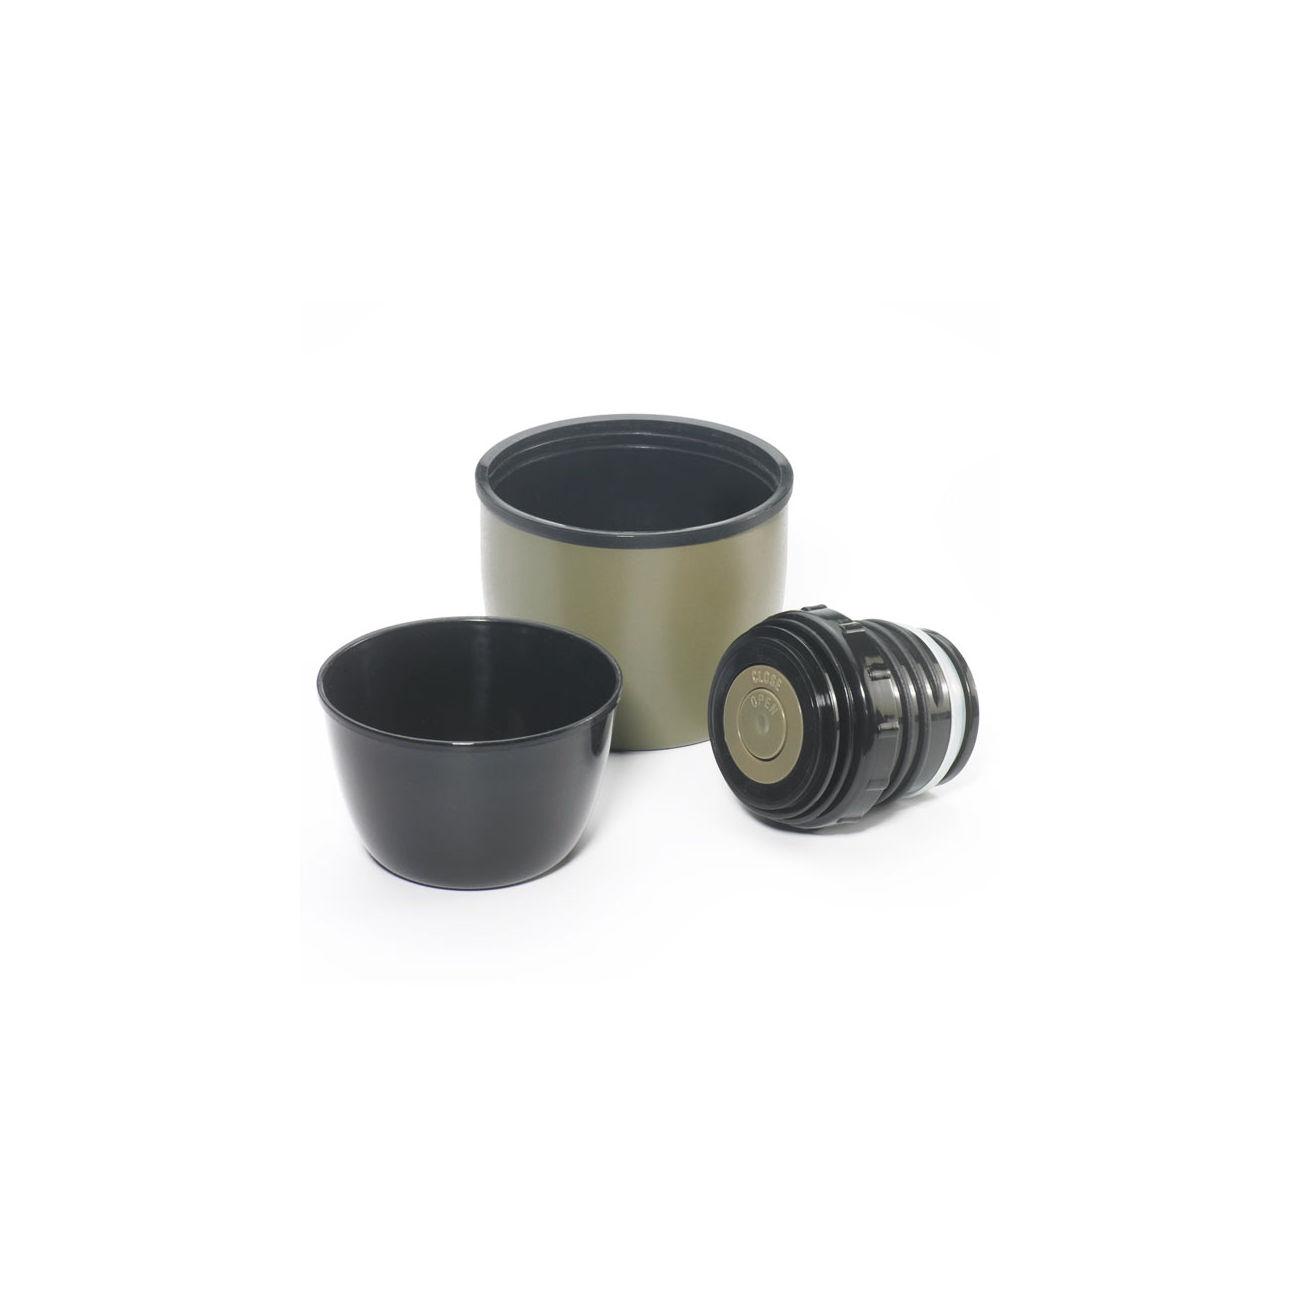 esbit isolierflasche oliv 1 l kotte zeller. Black Bedroom Furniture Sets. Home Design Ideas